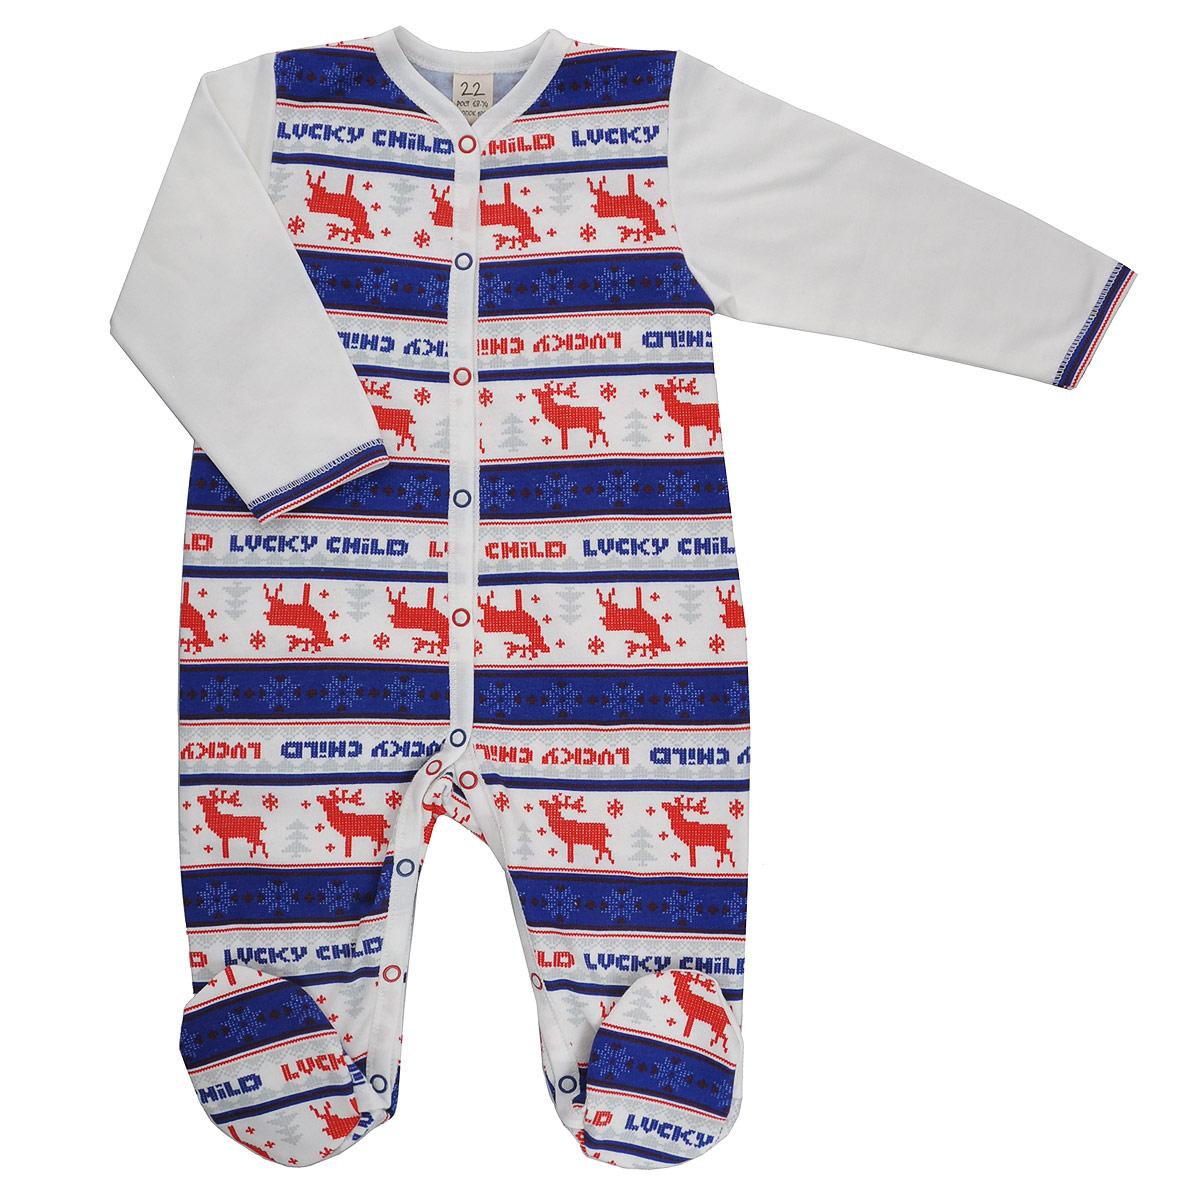 Комбинезон домашний10-1_футерДетский комбинезон Lucky Child Скандинавия - очень удобный и практичный вид одежды для малышей. Комбинезон выполнен из теплого футера - натурального хлопка, благодаря чему он необычайно мягкий и приятный на ощупь, не раздражает нежную кожу ребенка и хорошо вентилируется, а эластичные швы приятны телу малыша и не препятствуют его движениям. Комбинезон с длинными рукавами и закрытыми ножками имеет застежки-кнопки от горловины до щиколоток, которые помогают легко переодеть младенца или сменить подгузник. Оформлена модель модным скандинавским принтом. С детским комбинезоном Lucky Child спинка и ножки вашего малыша всегда будут в тепле, он идеален для использования днем и незаменим ночью. Комбинезон полностью соответствует особенностям жизни младенца в ранний период, не стесняя и не ограничивая его в движениях!